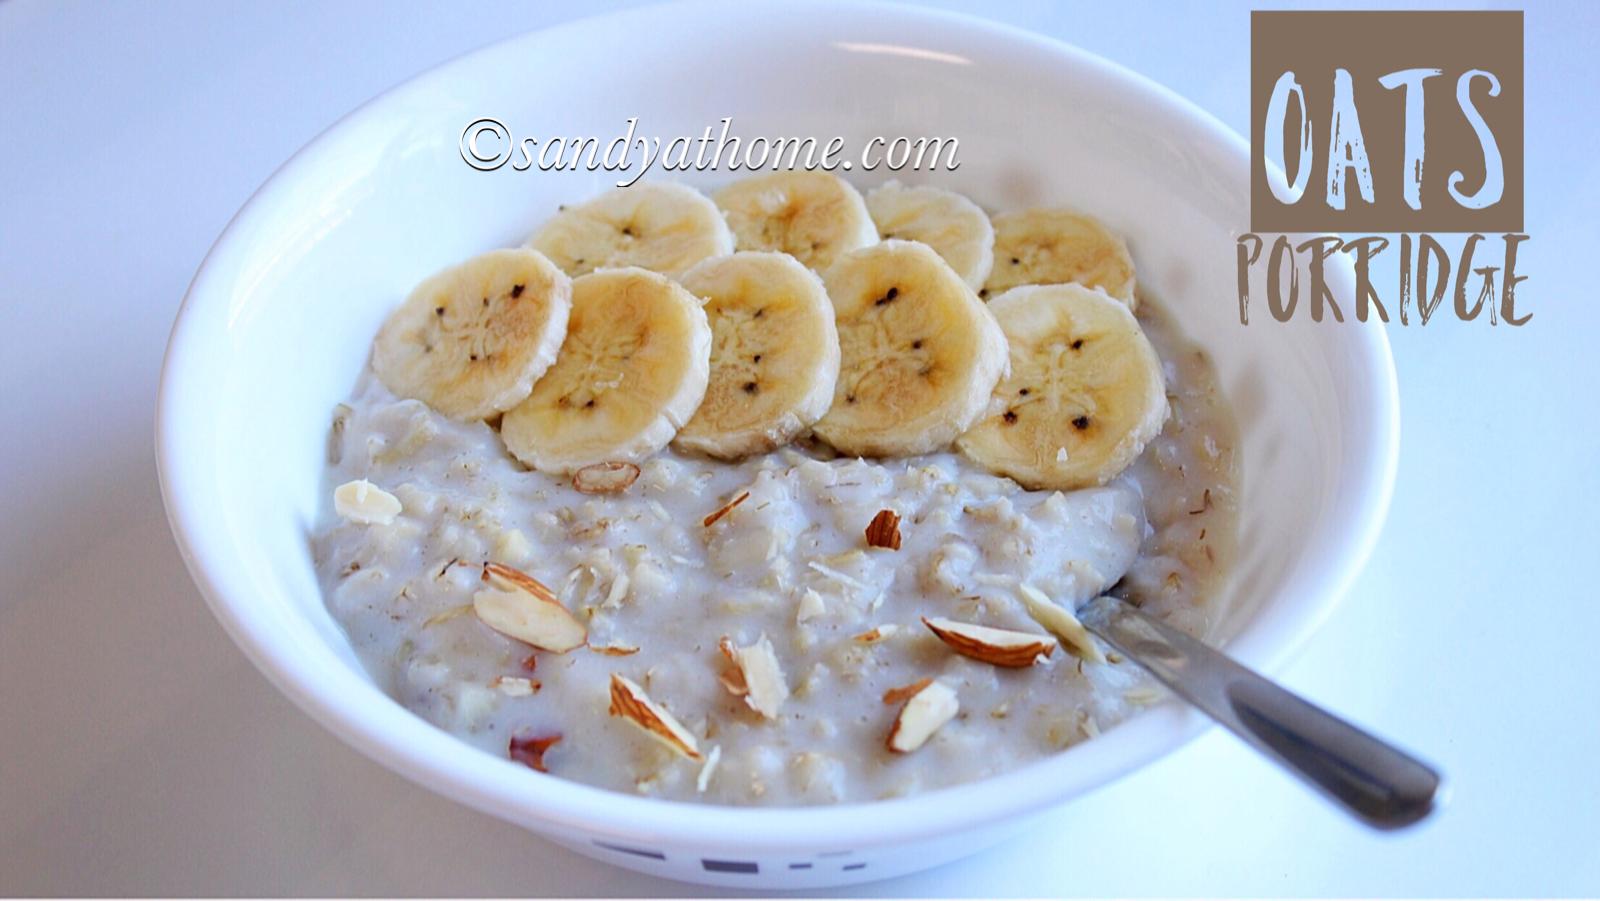 oats porridge recipe, porridge